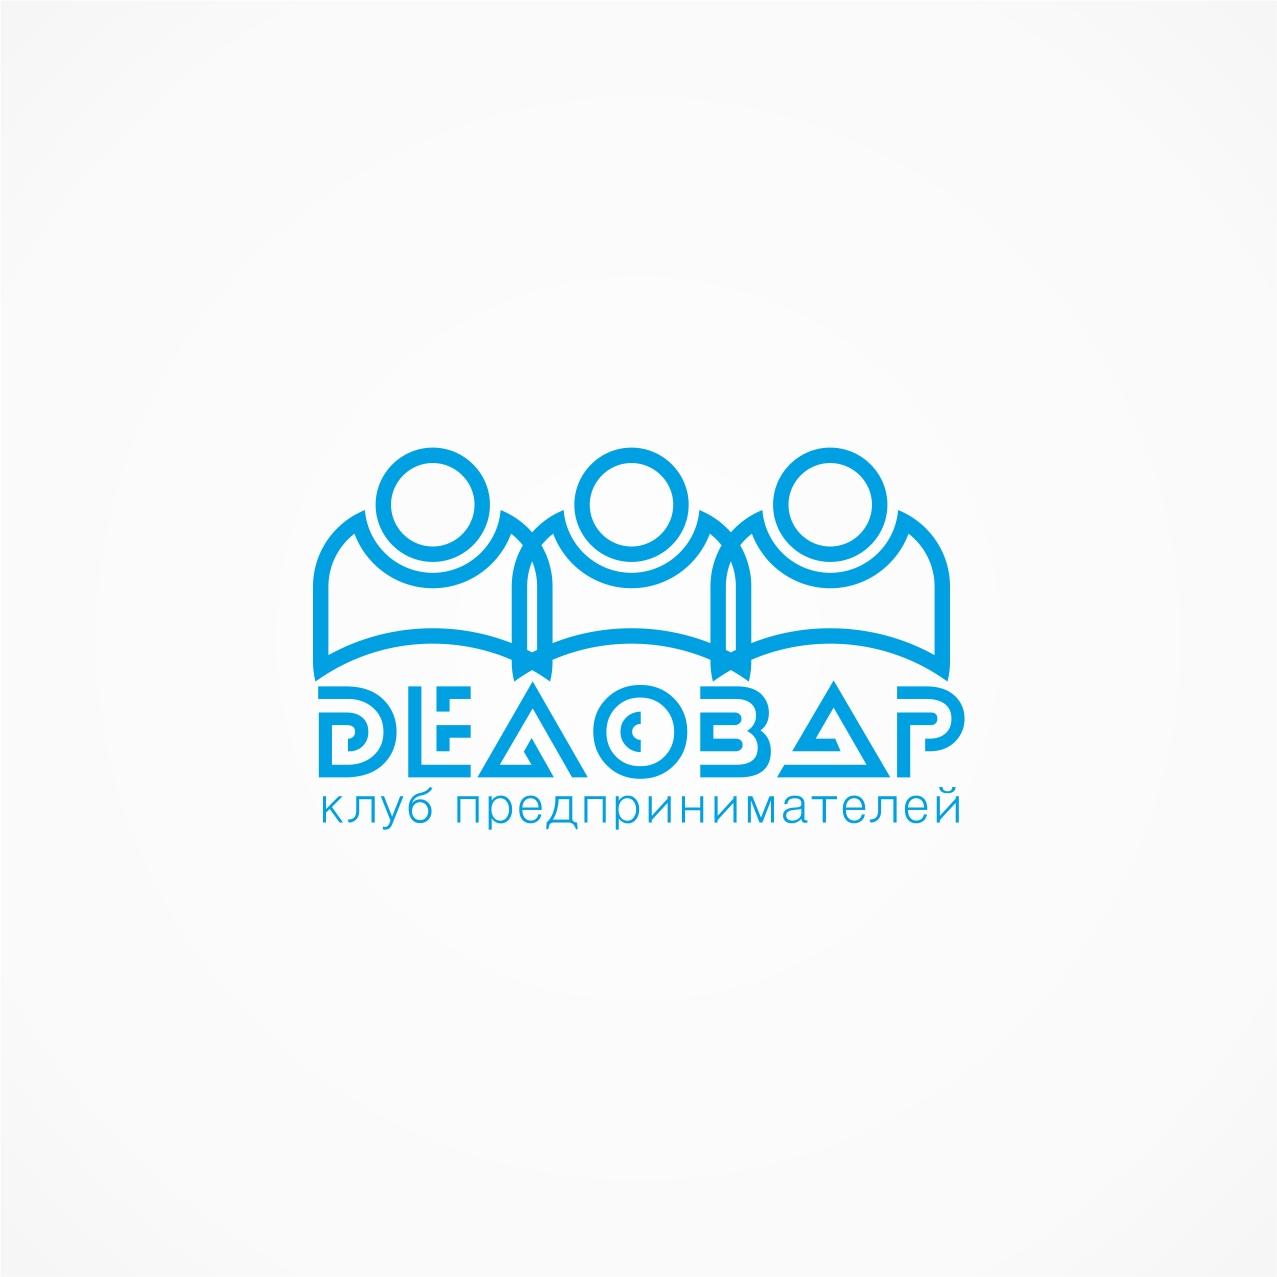 """Логотип и фирм. стиль для Клуба предпринимателей """"Деловар"""" фото f_5045b2ba8a5fc.jpg"""